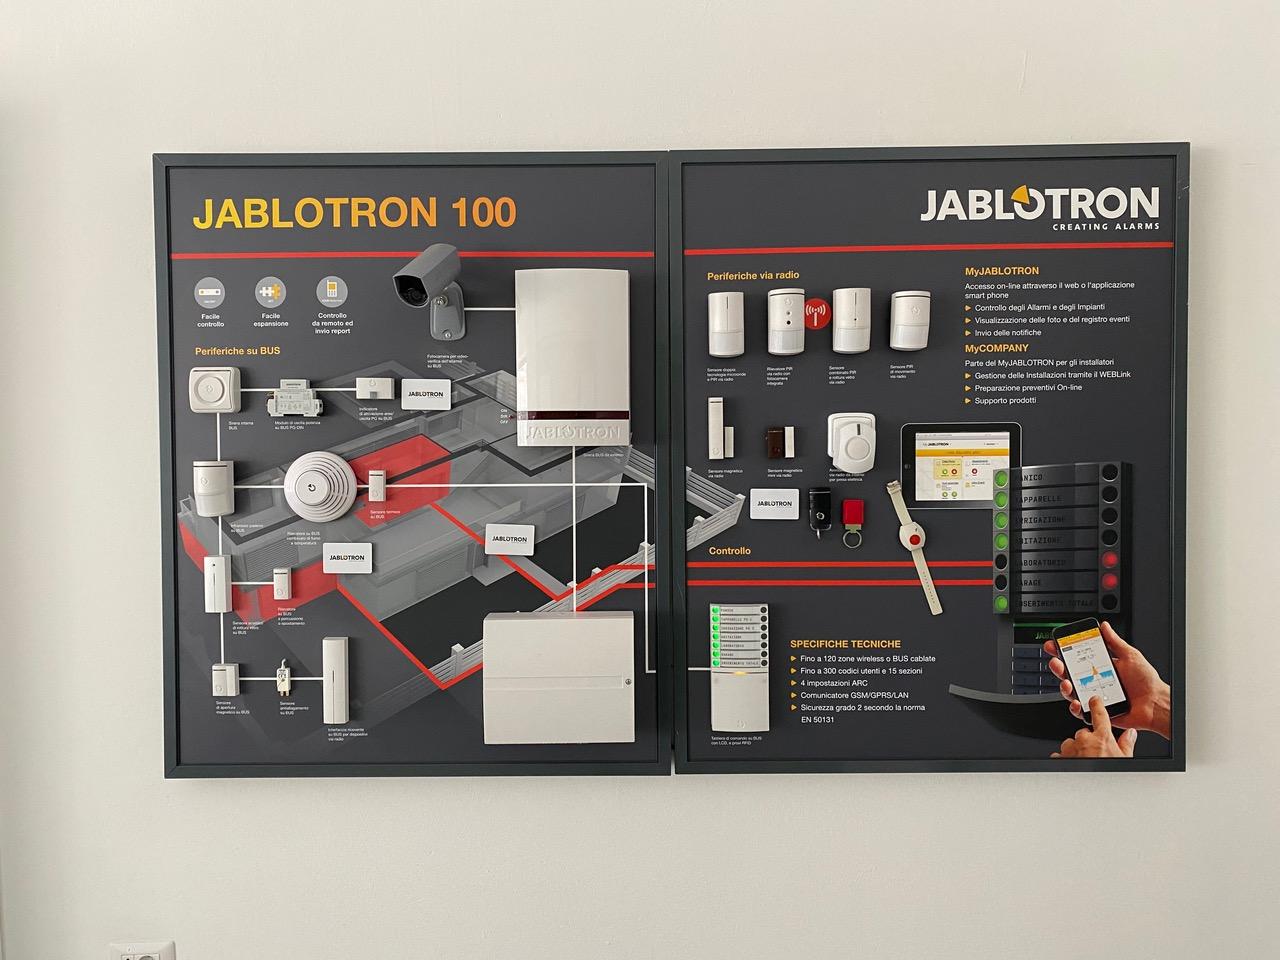 Pannello Jablotron